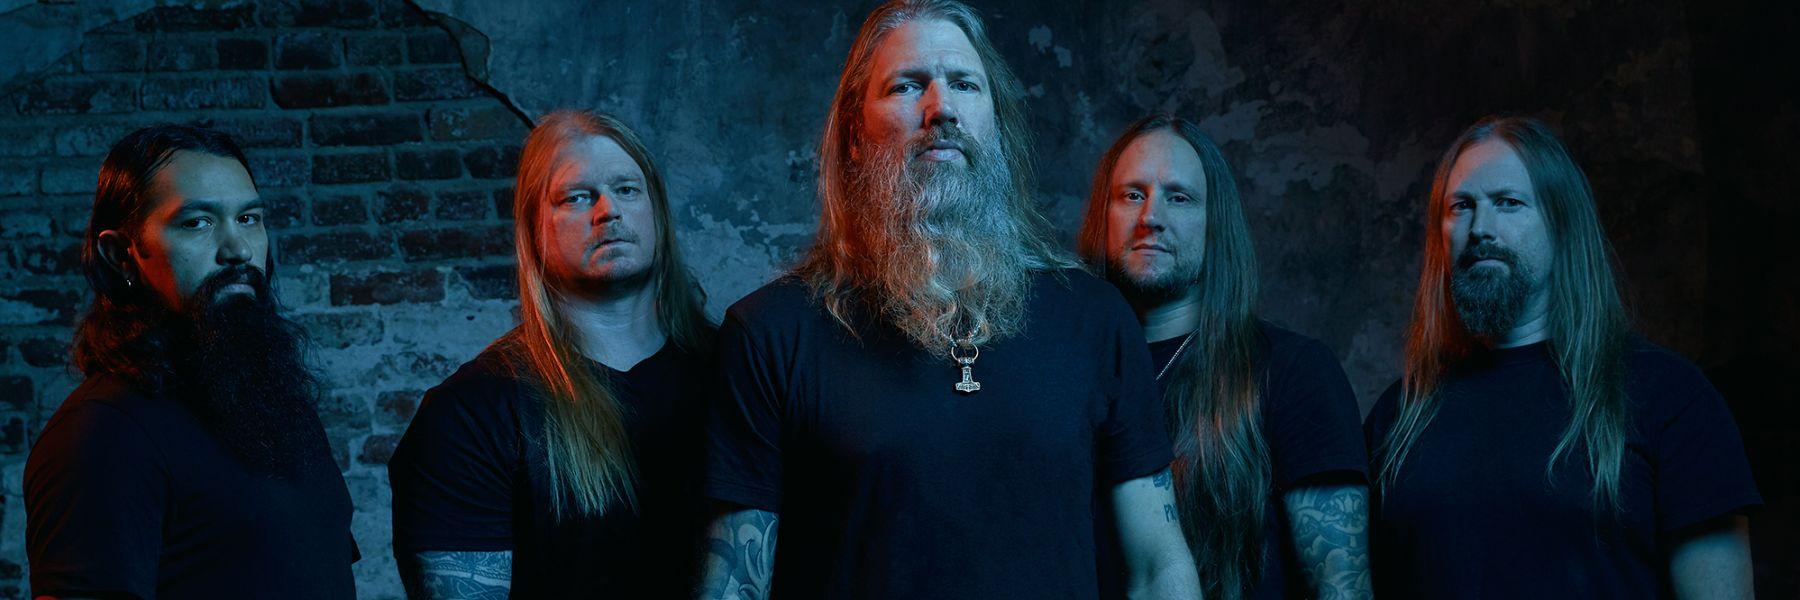 Konzert von Amon Amarth am 19.11.19 in der Samsung Hall